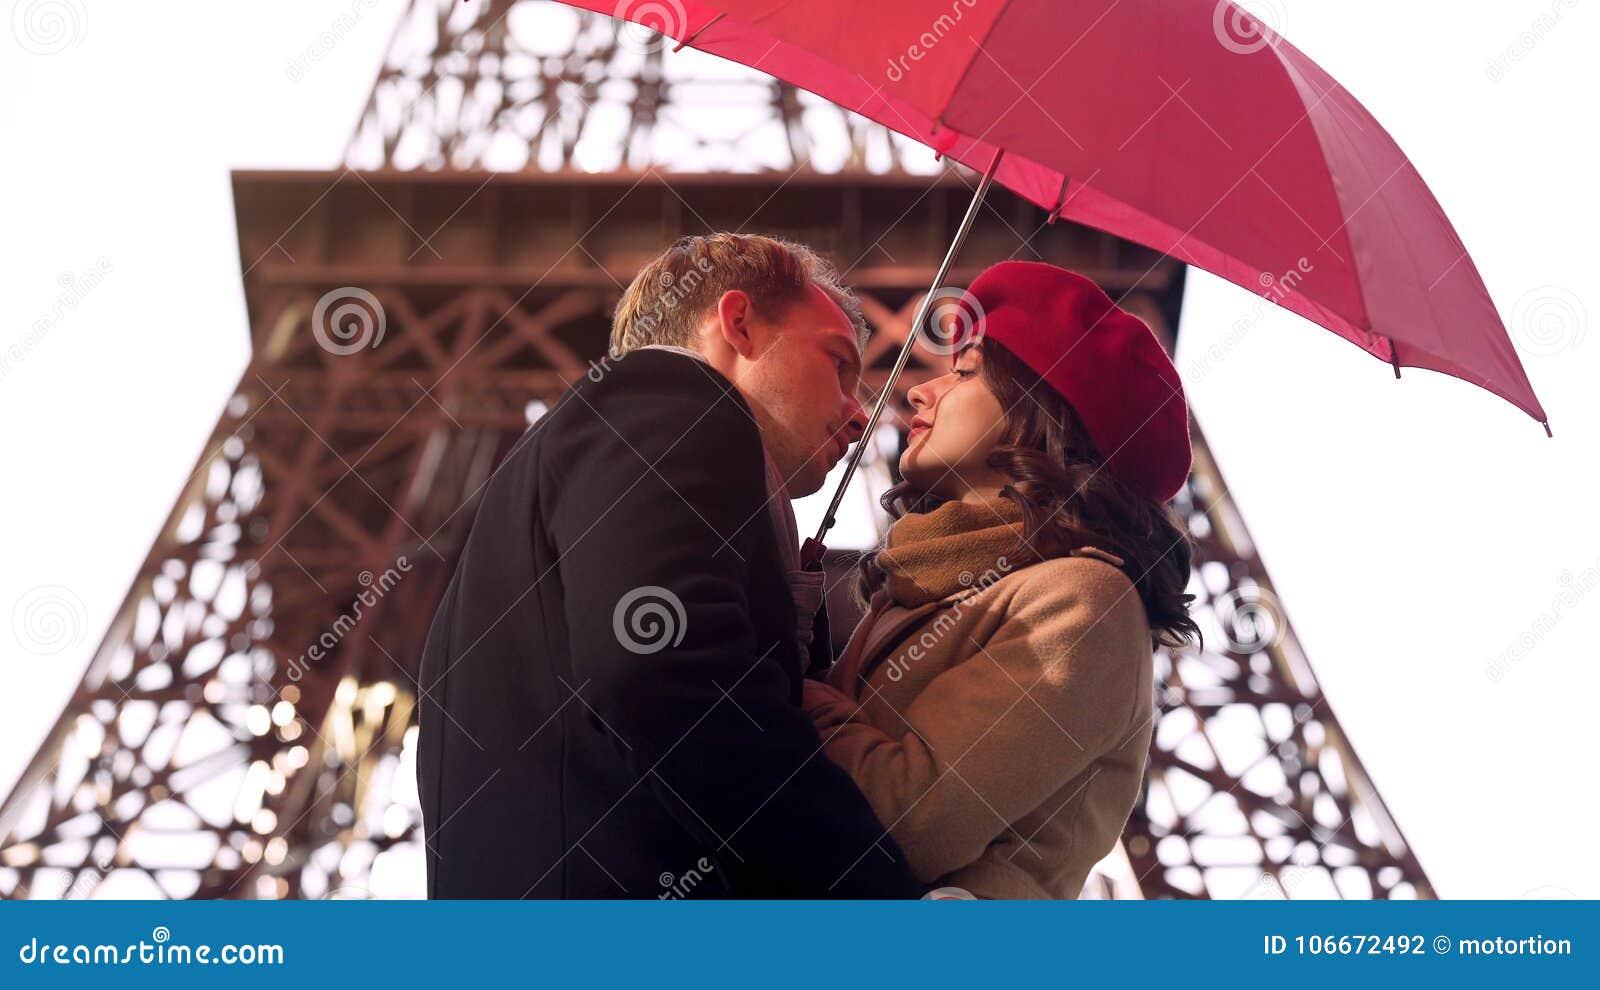 Homem no amor aproximadamente para beijar a mulher bonita sob o guarda-chuva, data romântica em Paris